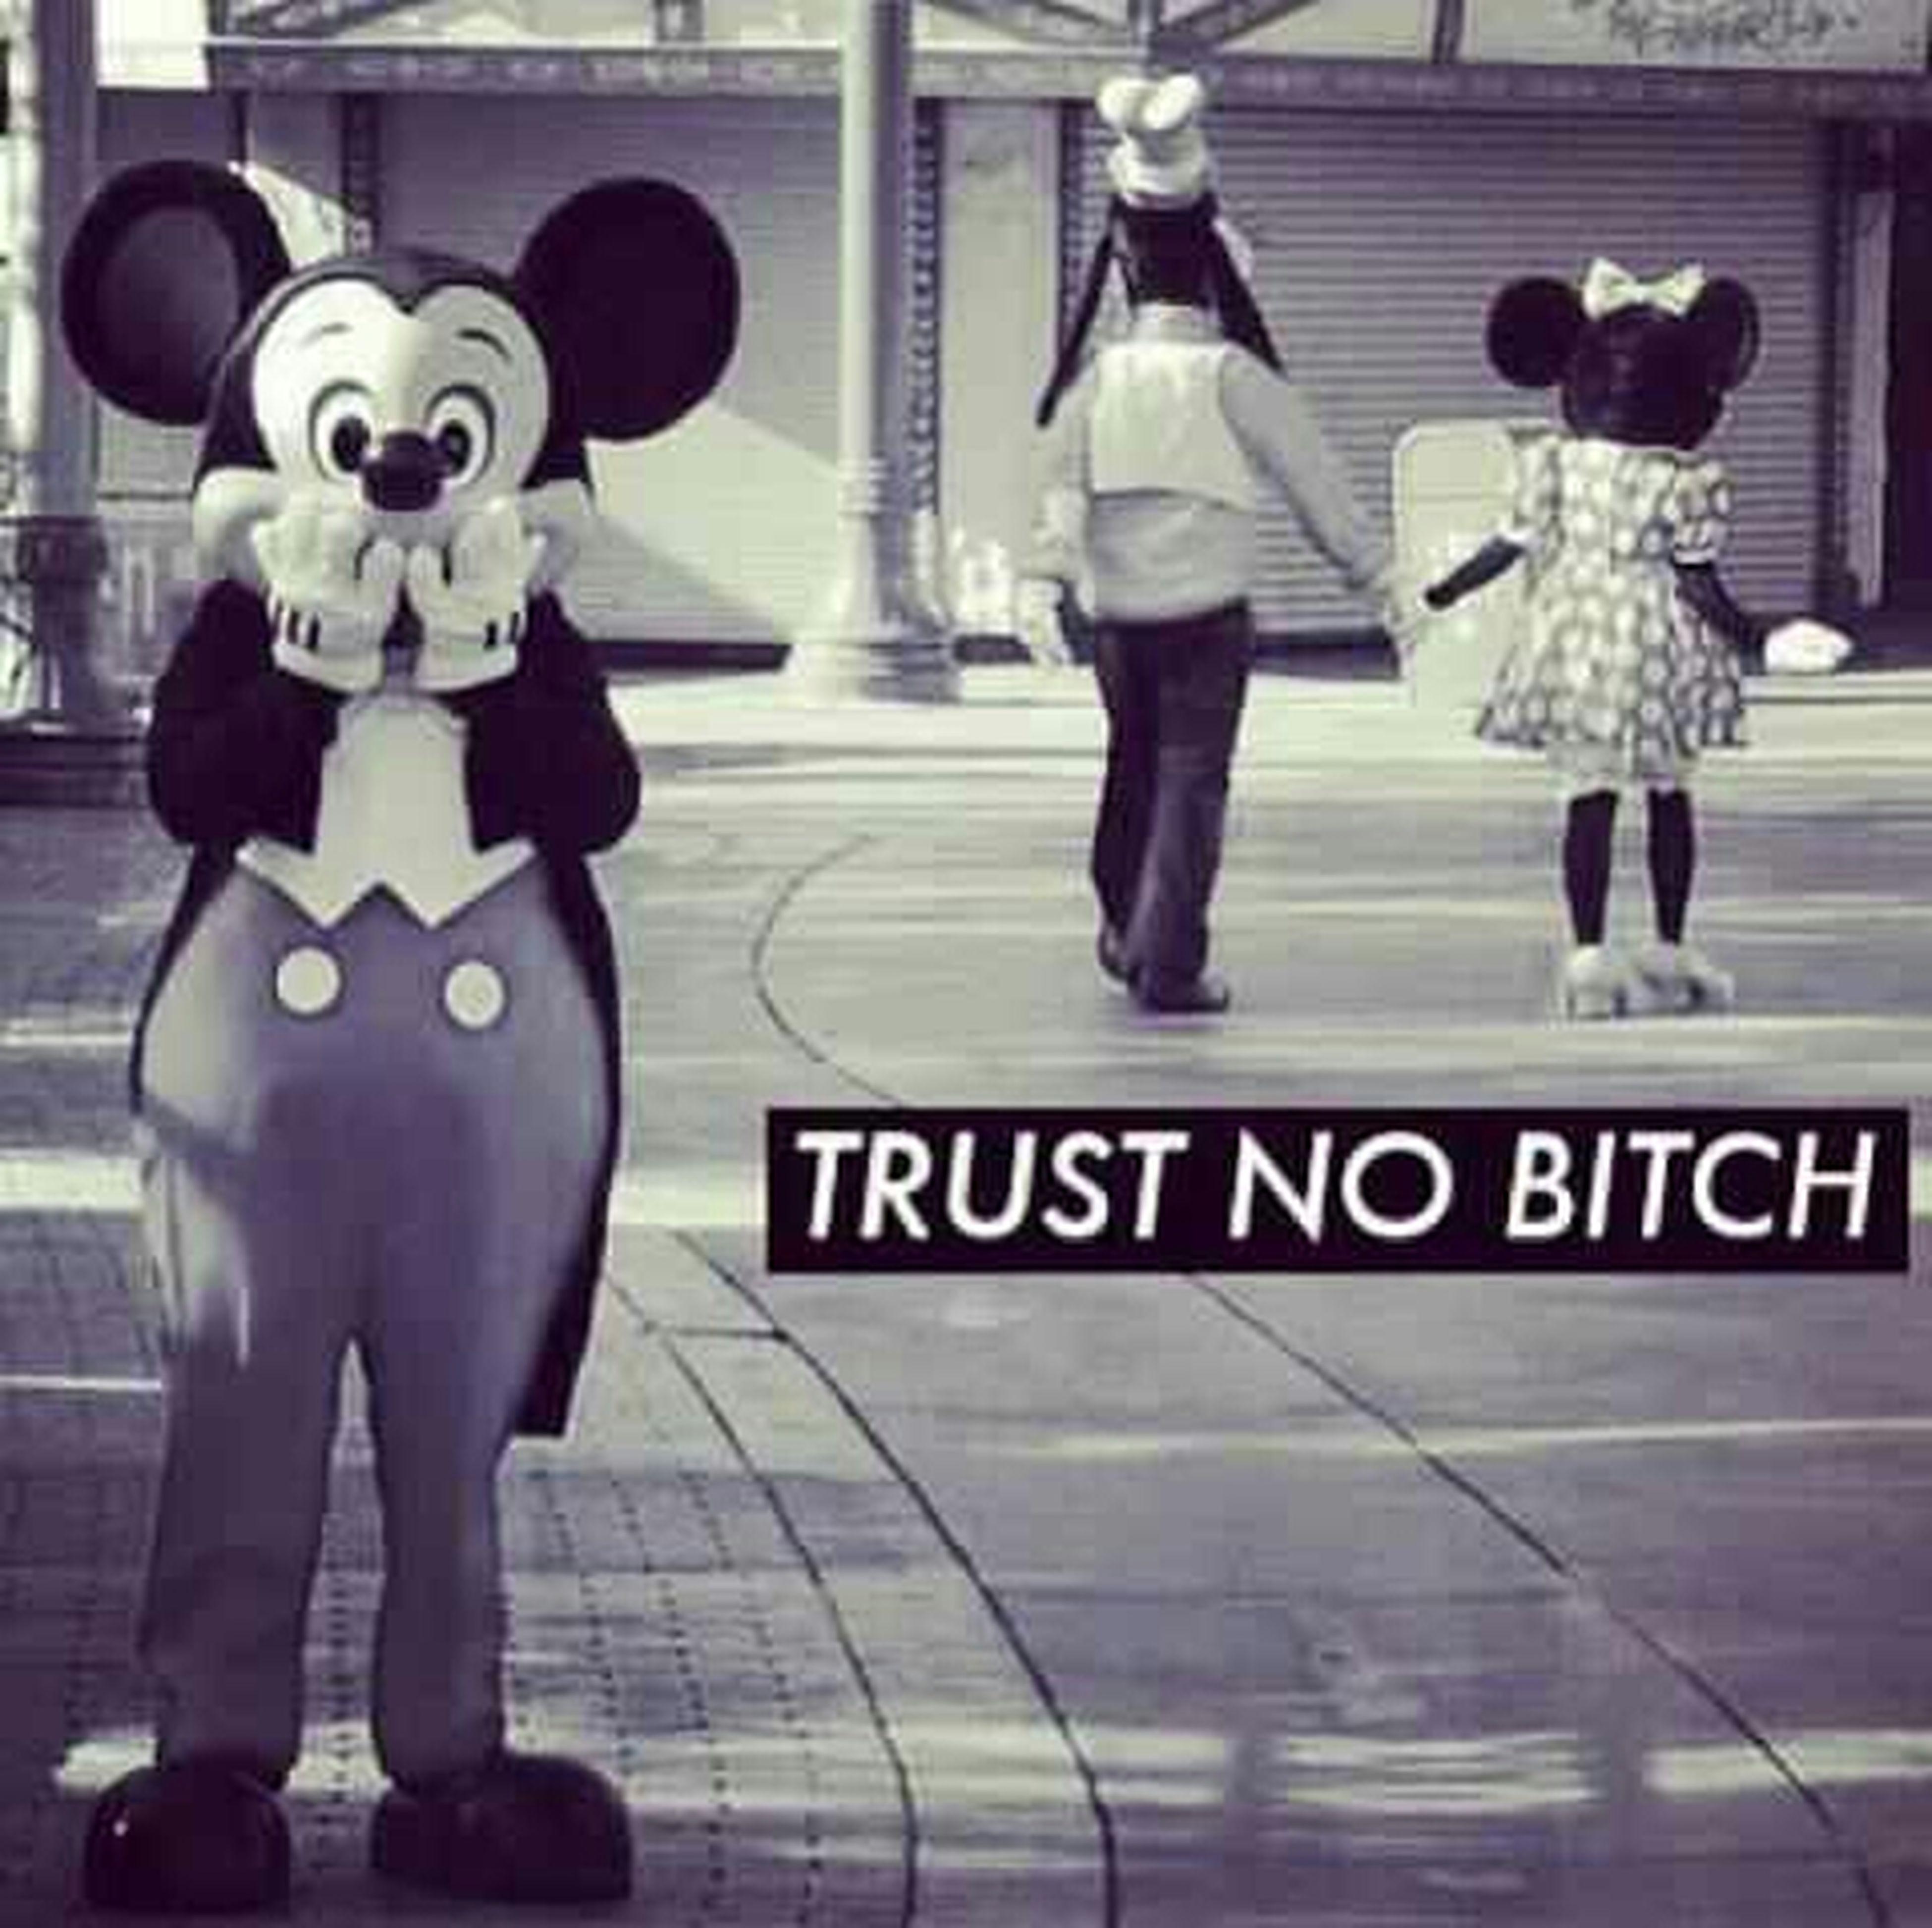 Cdfuu You Cann Trust Me